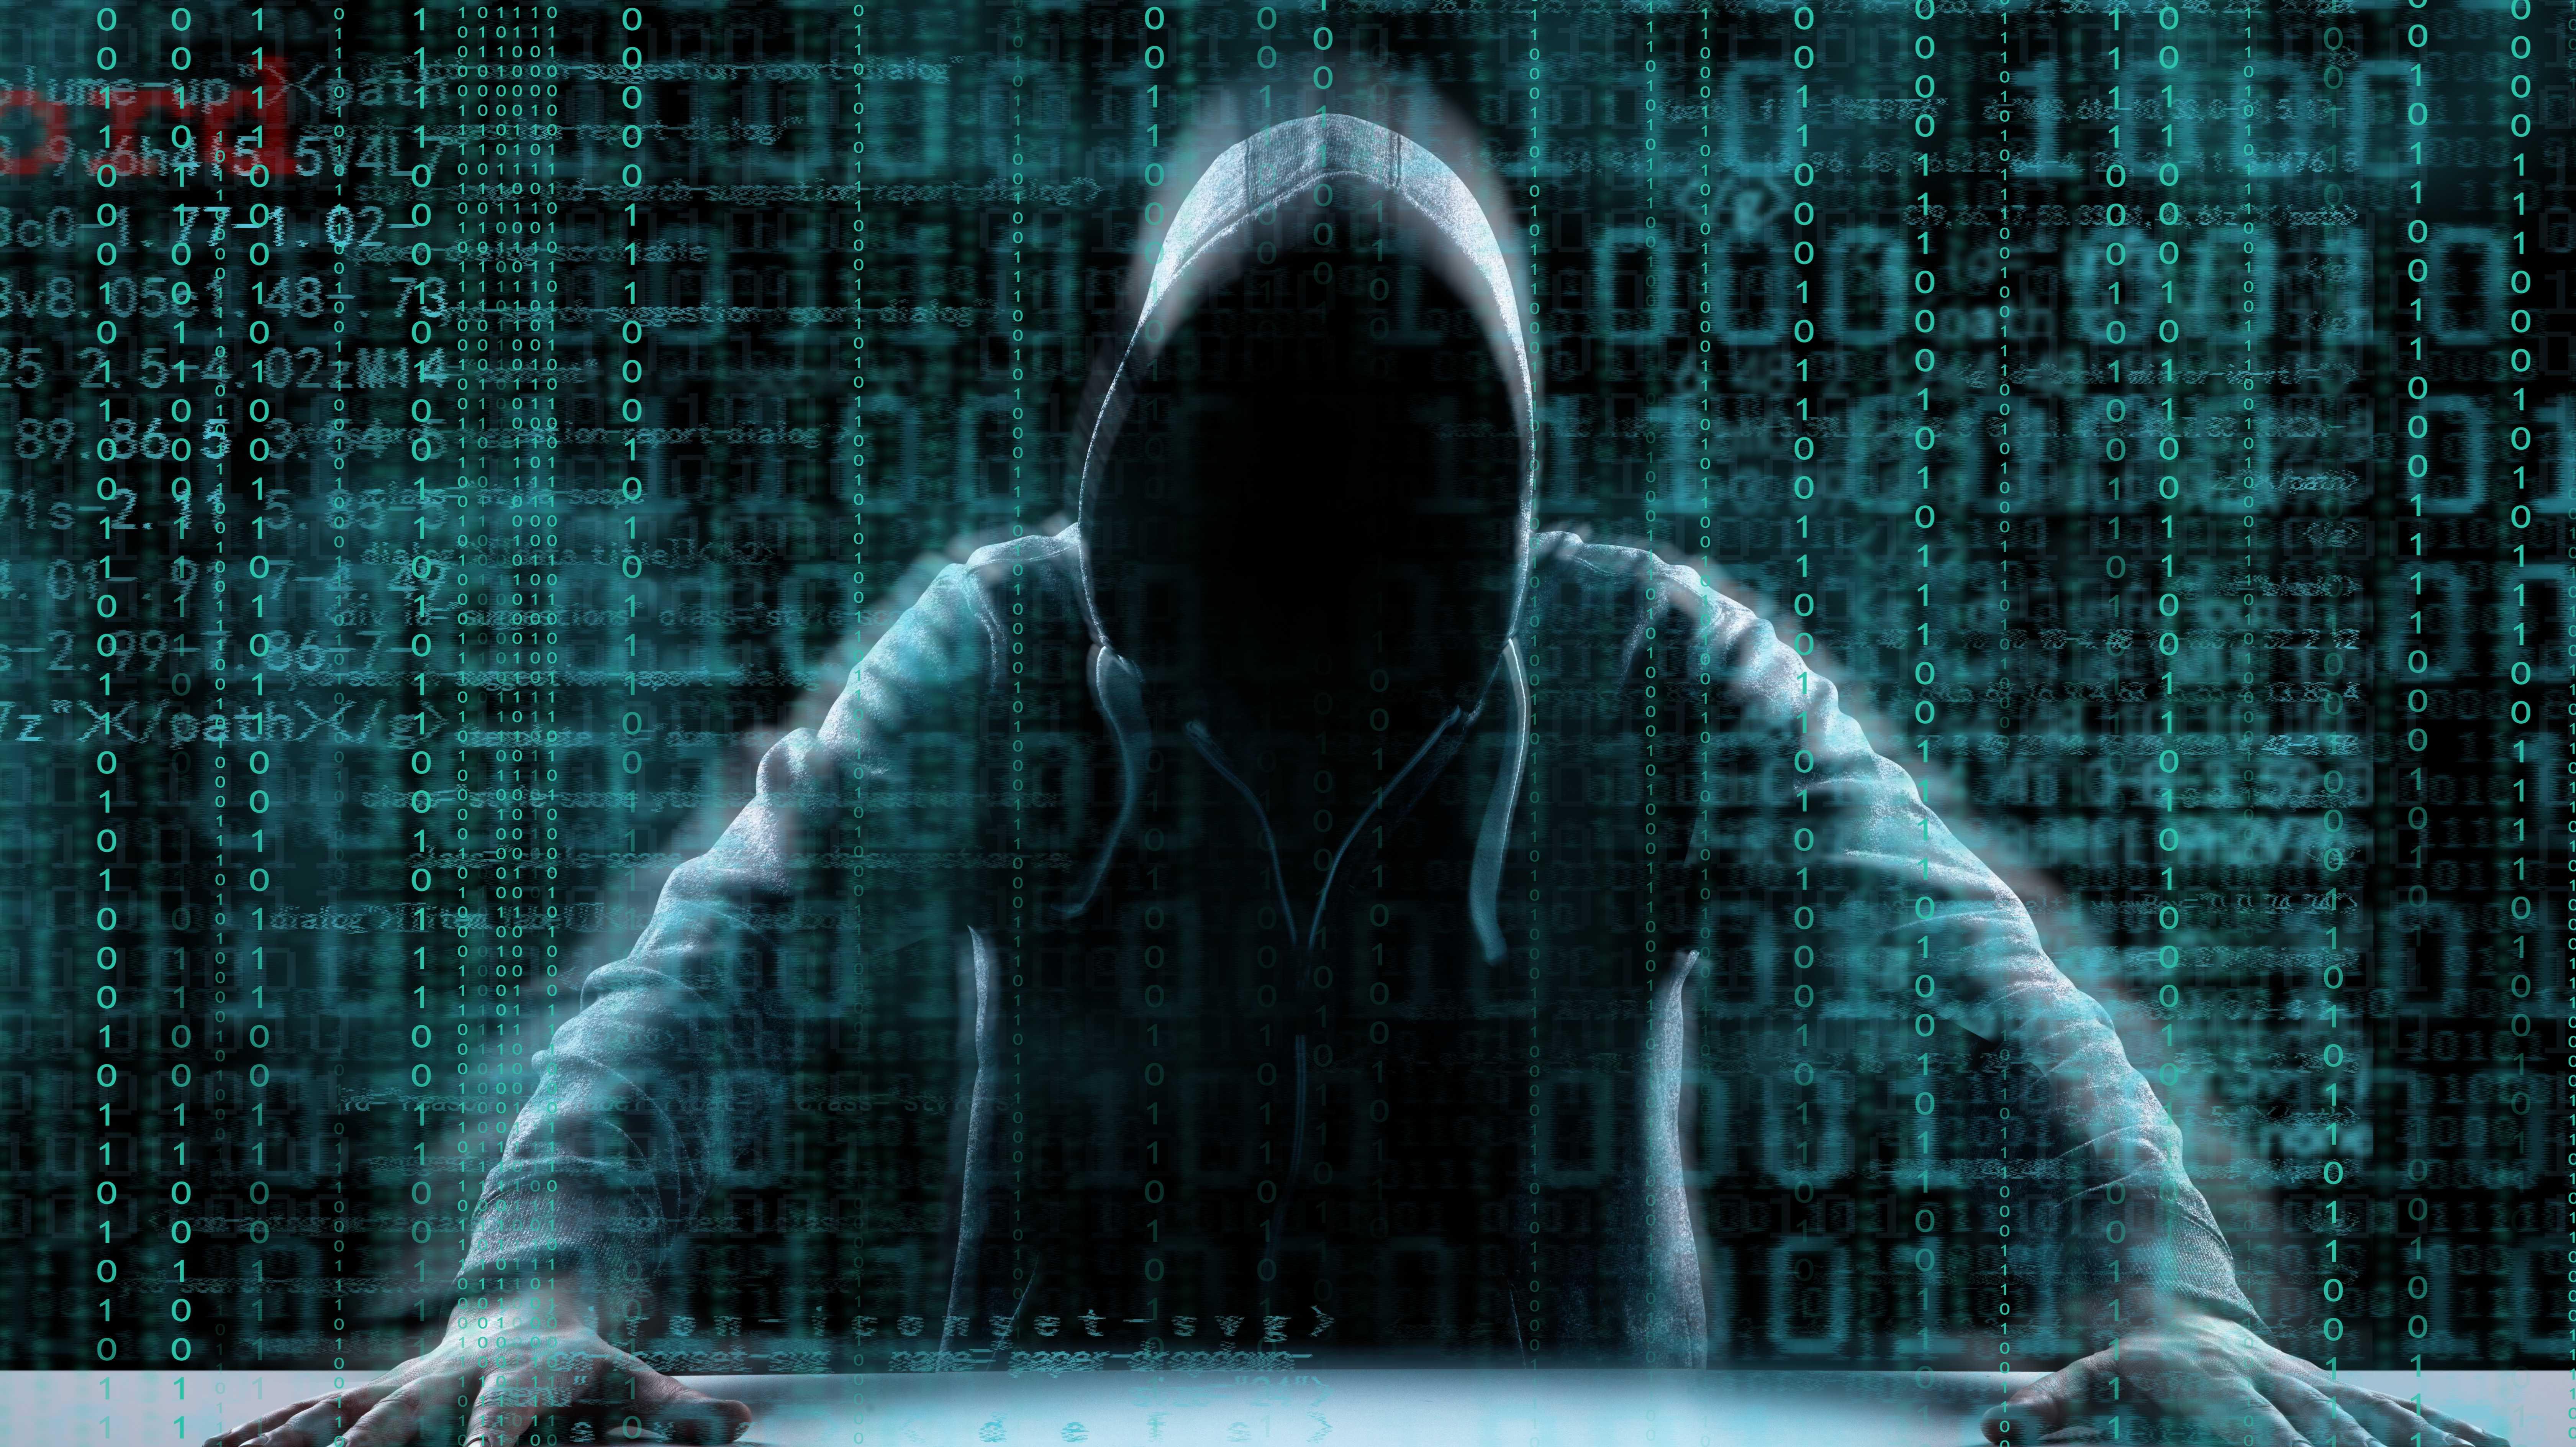 Hacker verteilt Millionen von Nutzerdaten aus 18 Leaks als kostenlosen Download